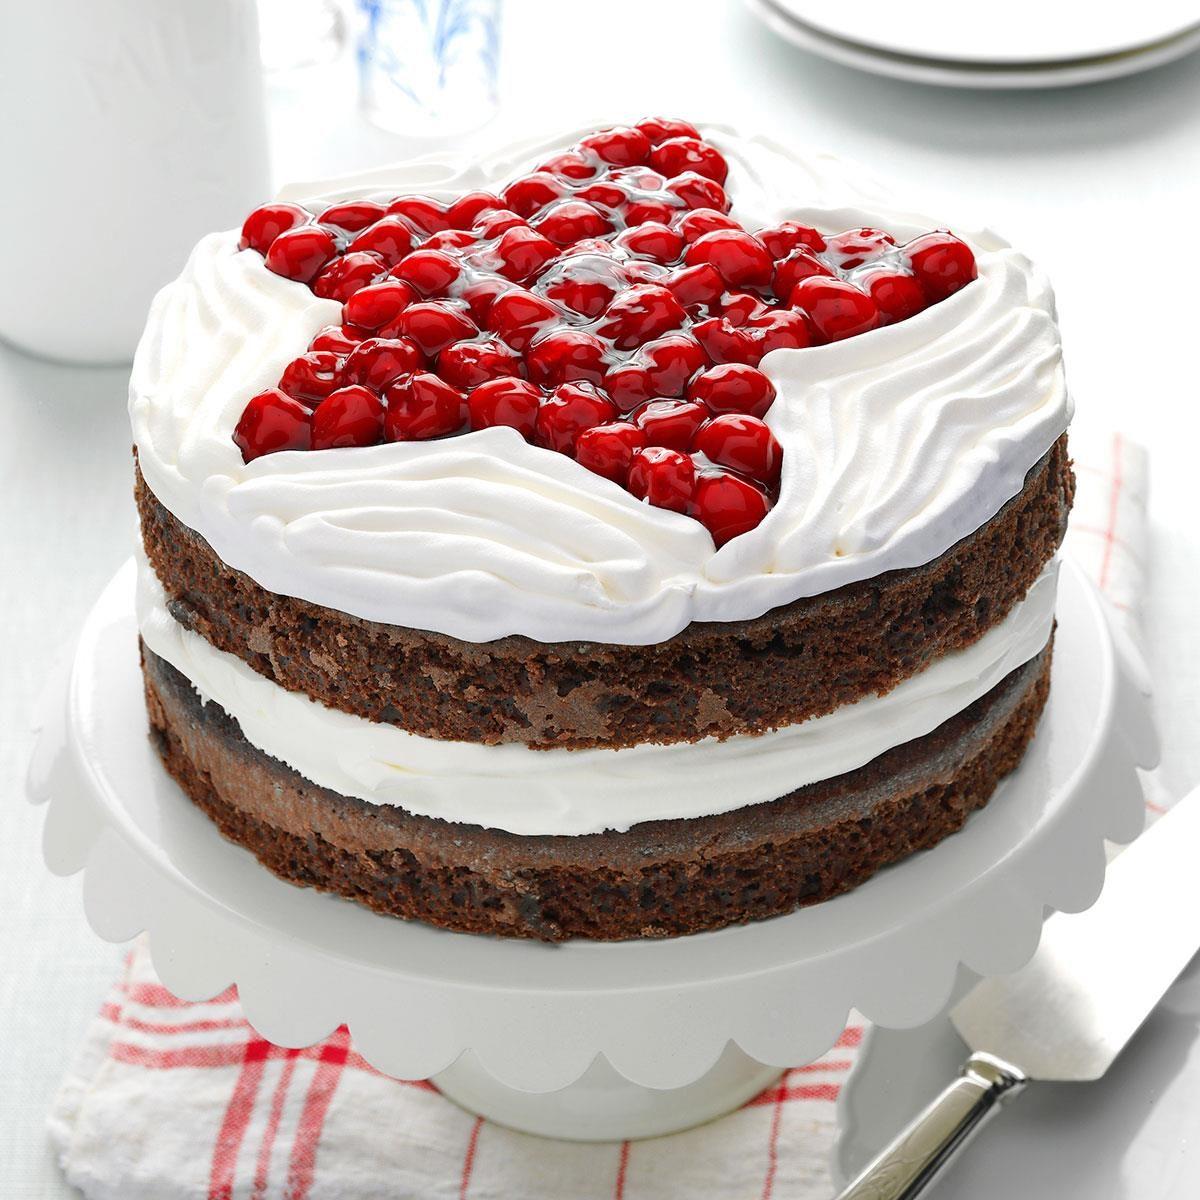 Make a Shape On the Cake